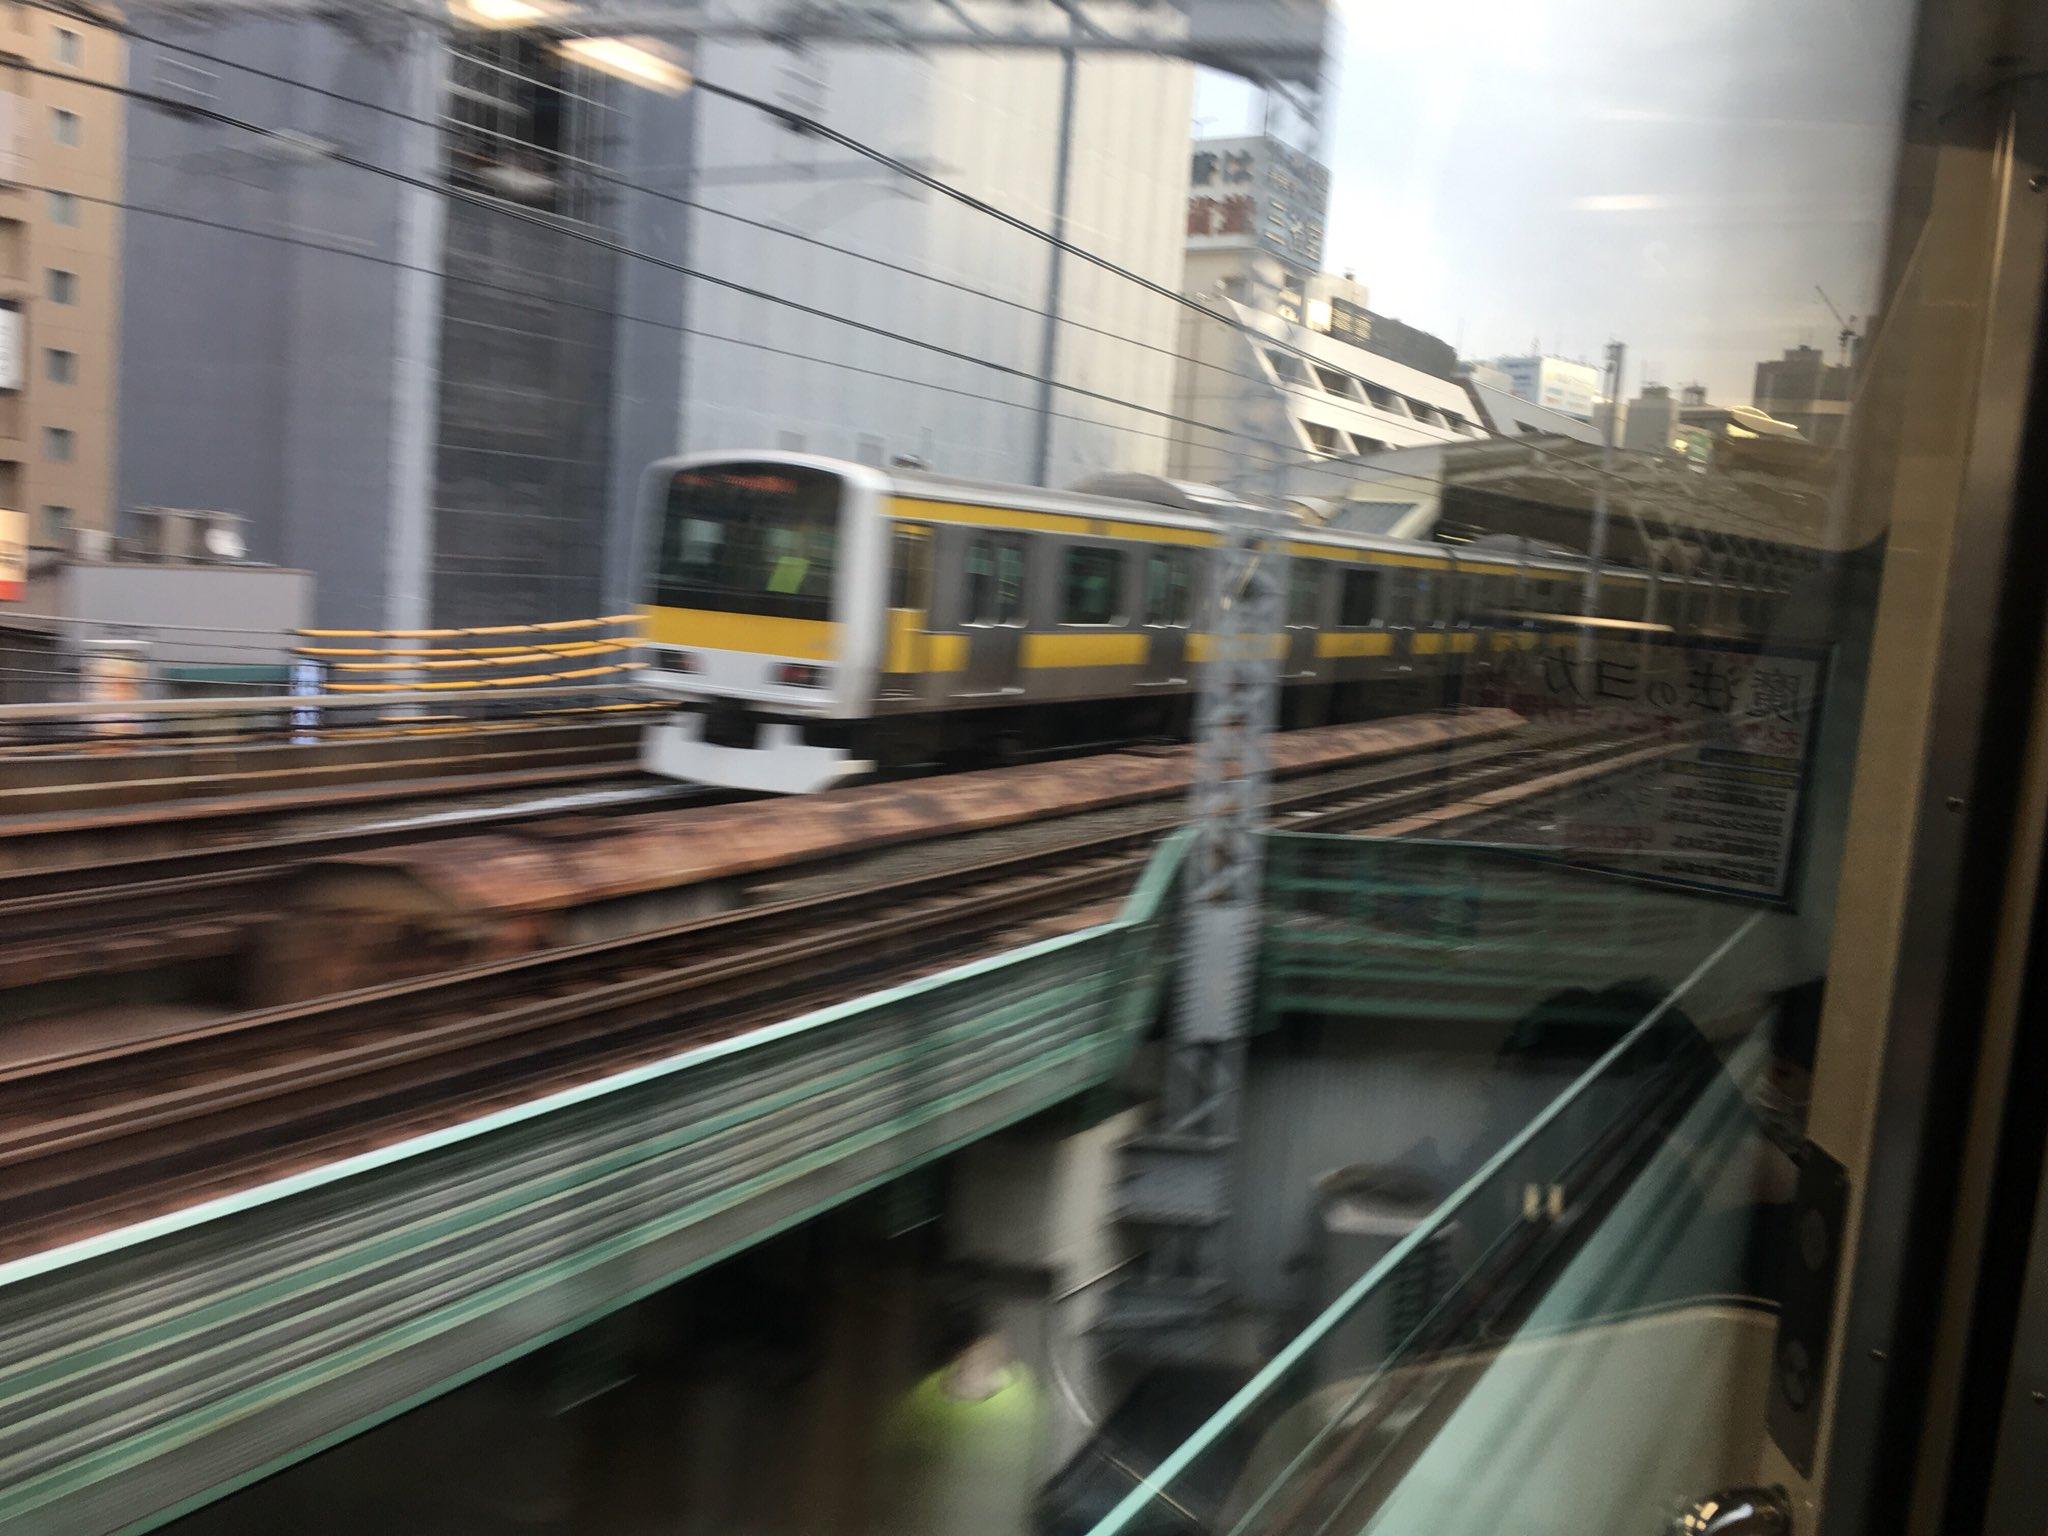 総武線の水道橋駅で人身事故が起きた当該列車の画像